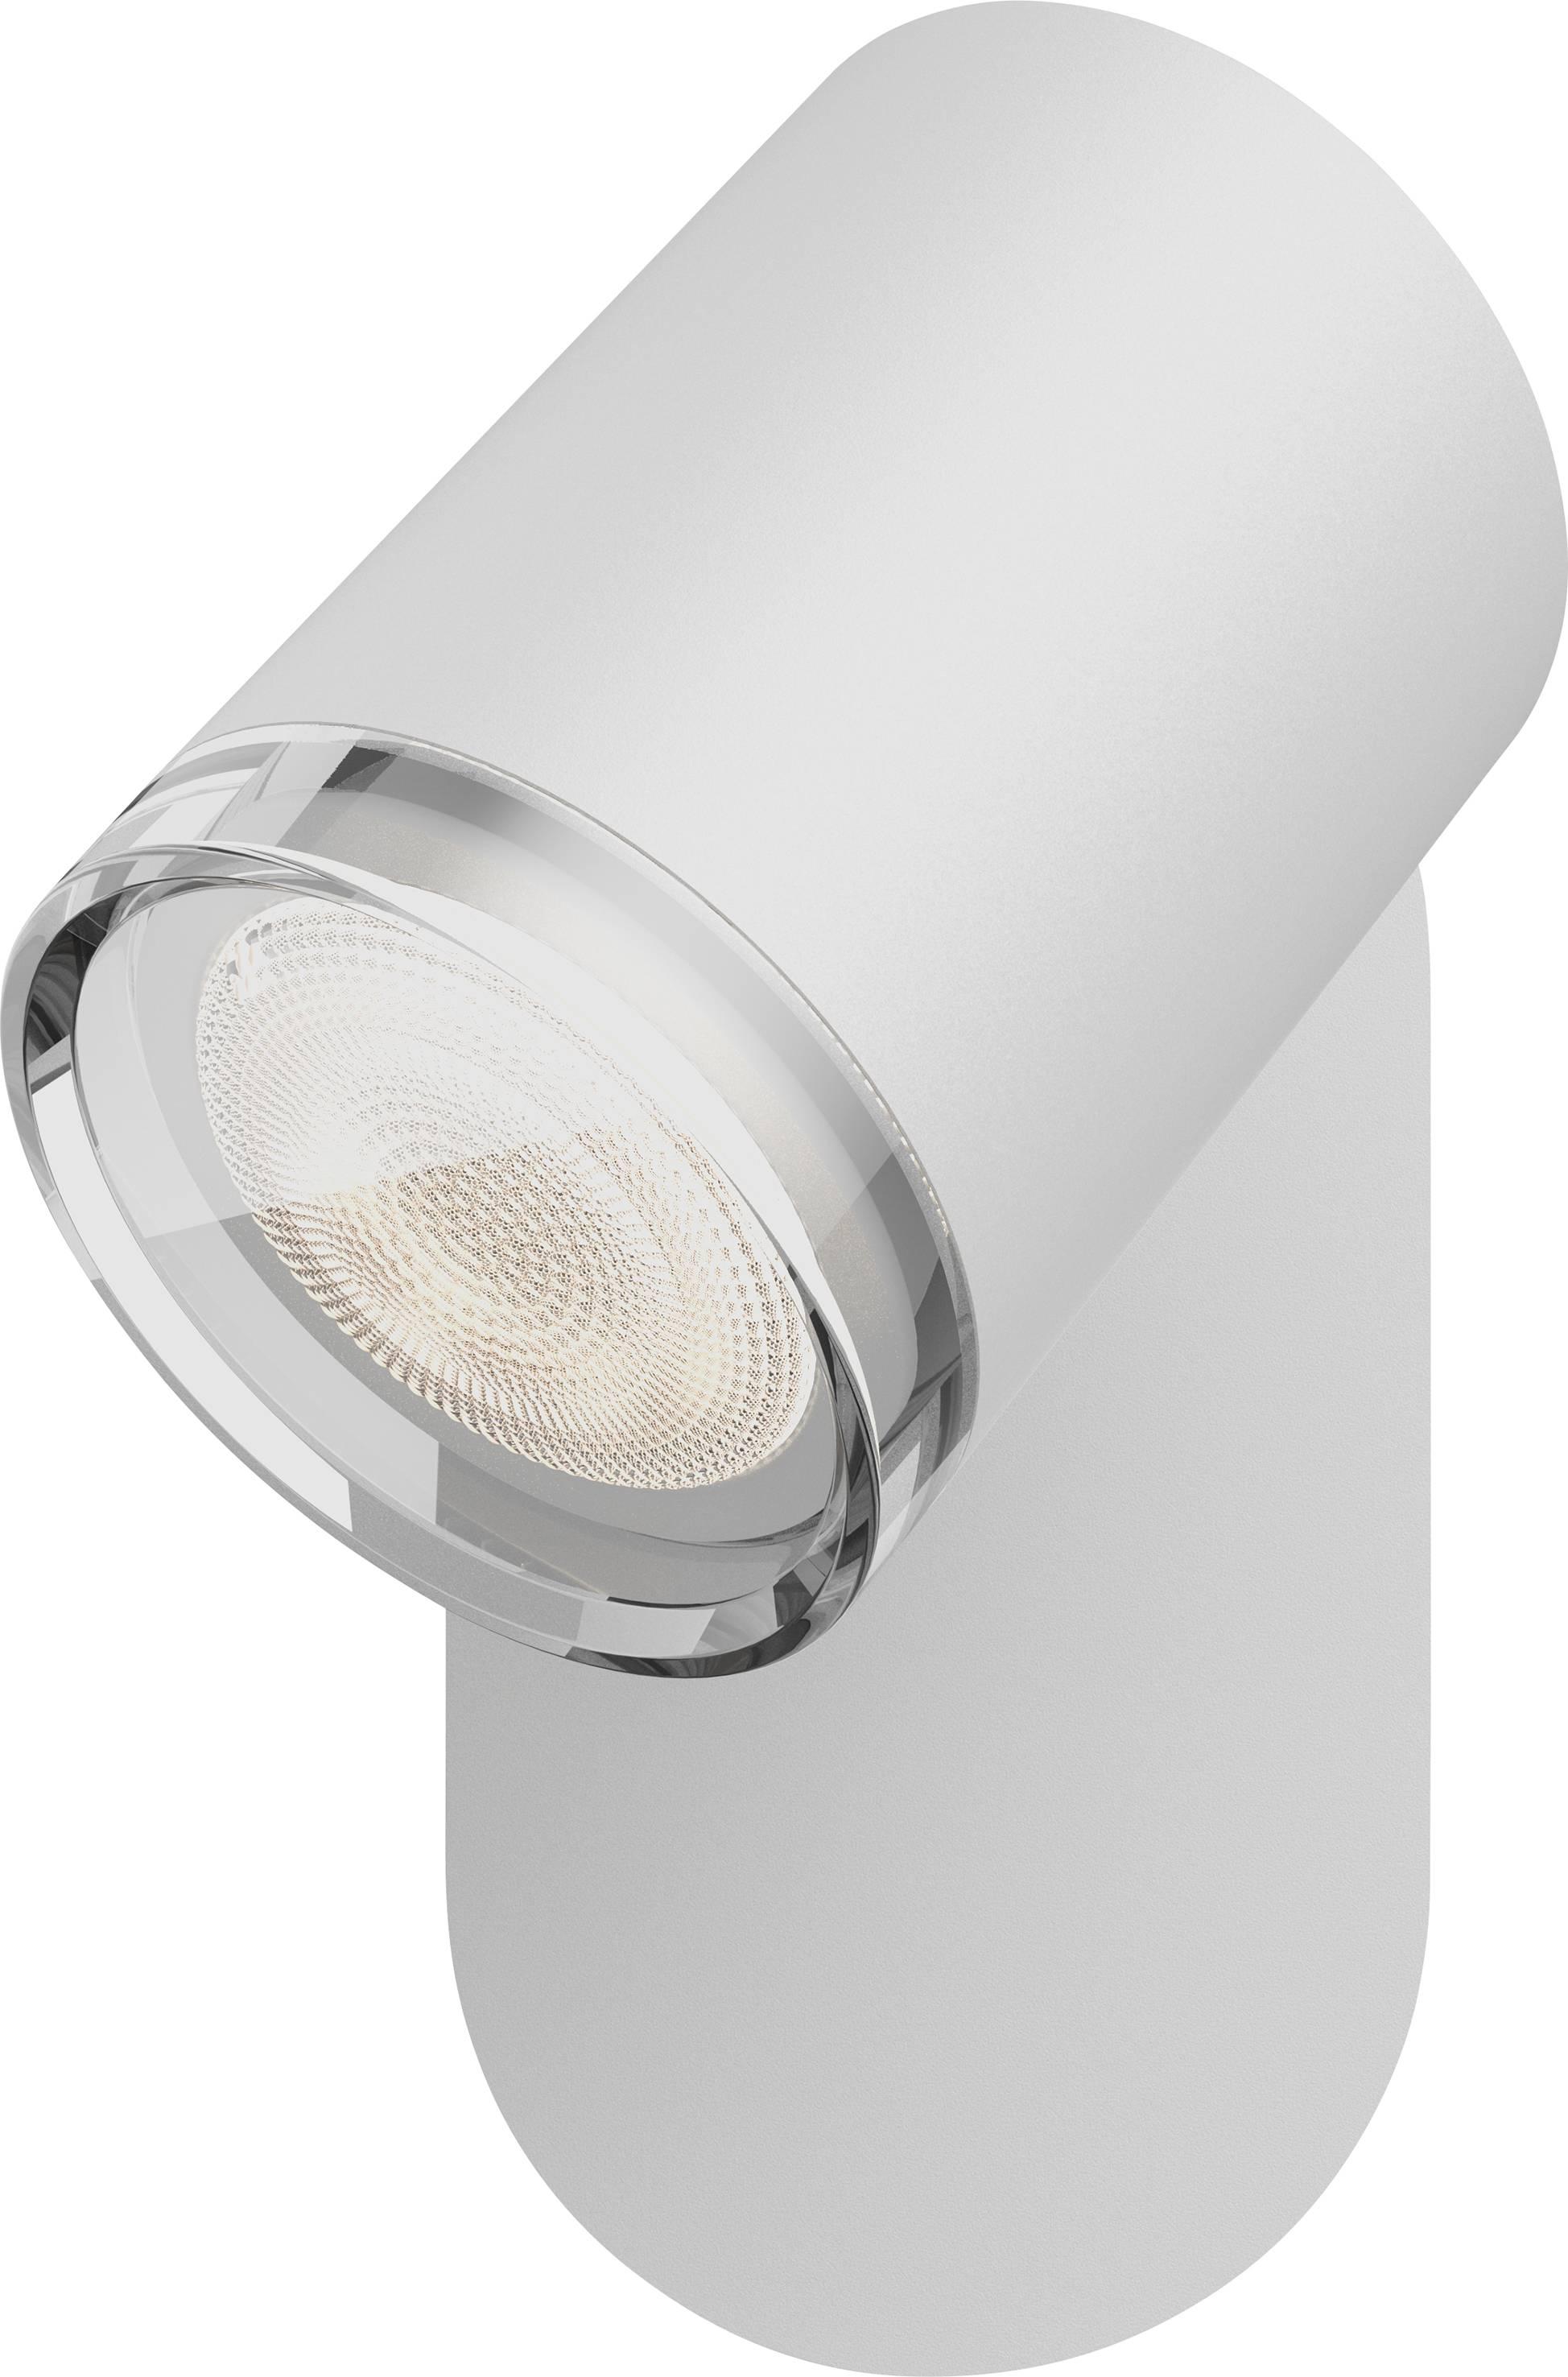 Lighting 6500 Tageslicht weiß 5 x LED Leuchtmittel GU10 4,5